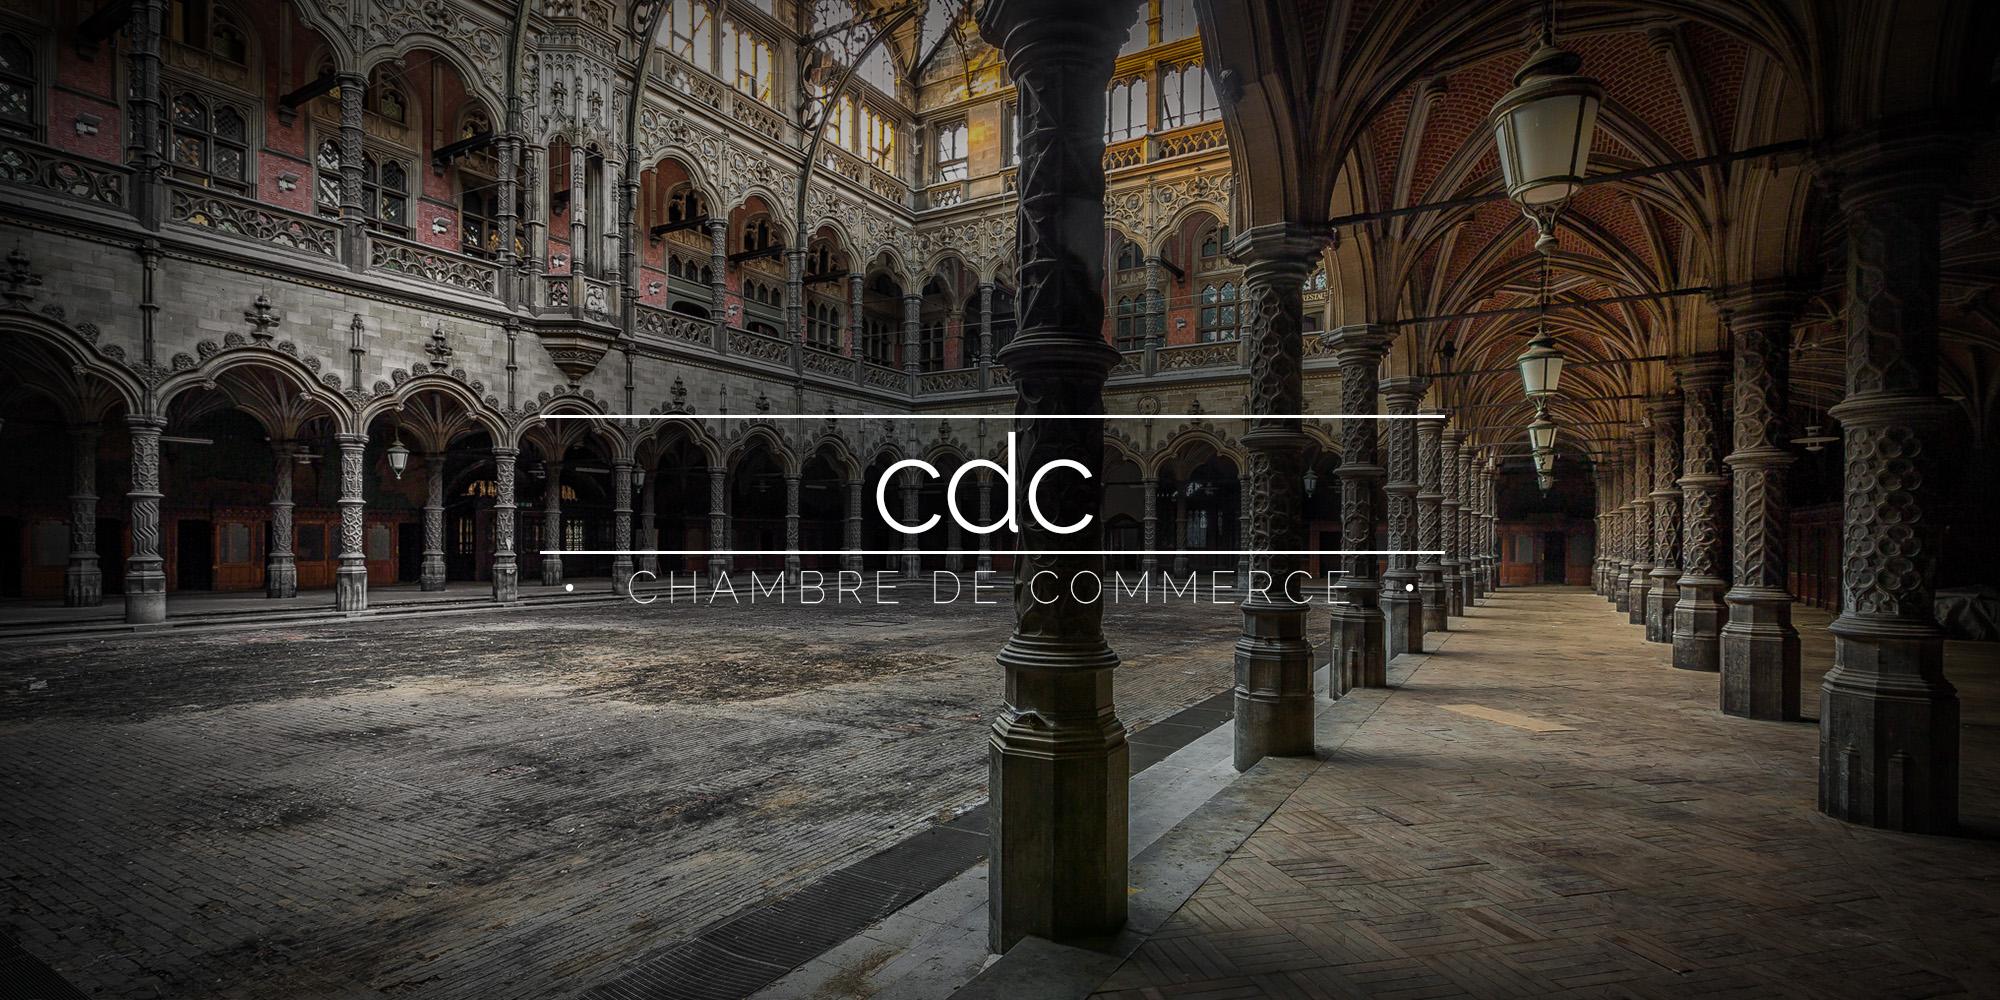 CDC Chambre de Commerce, Antwerp, Belgium